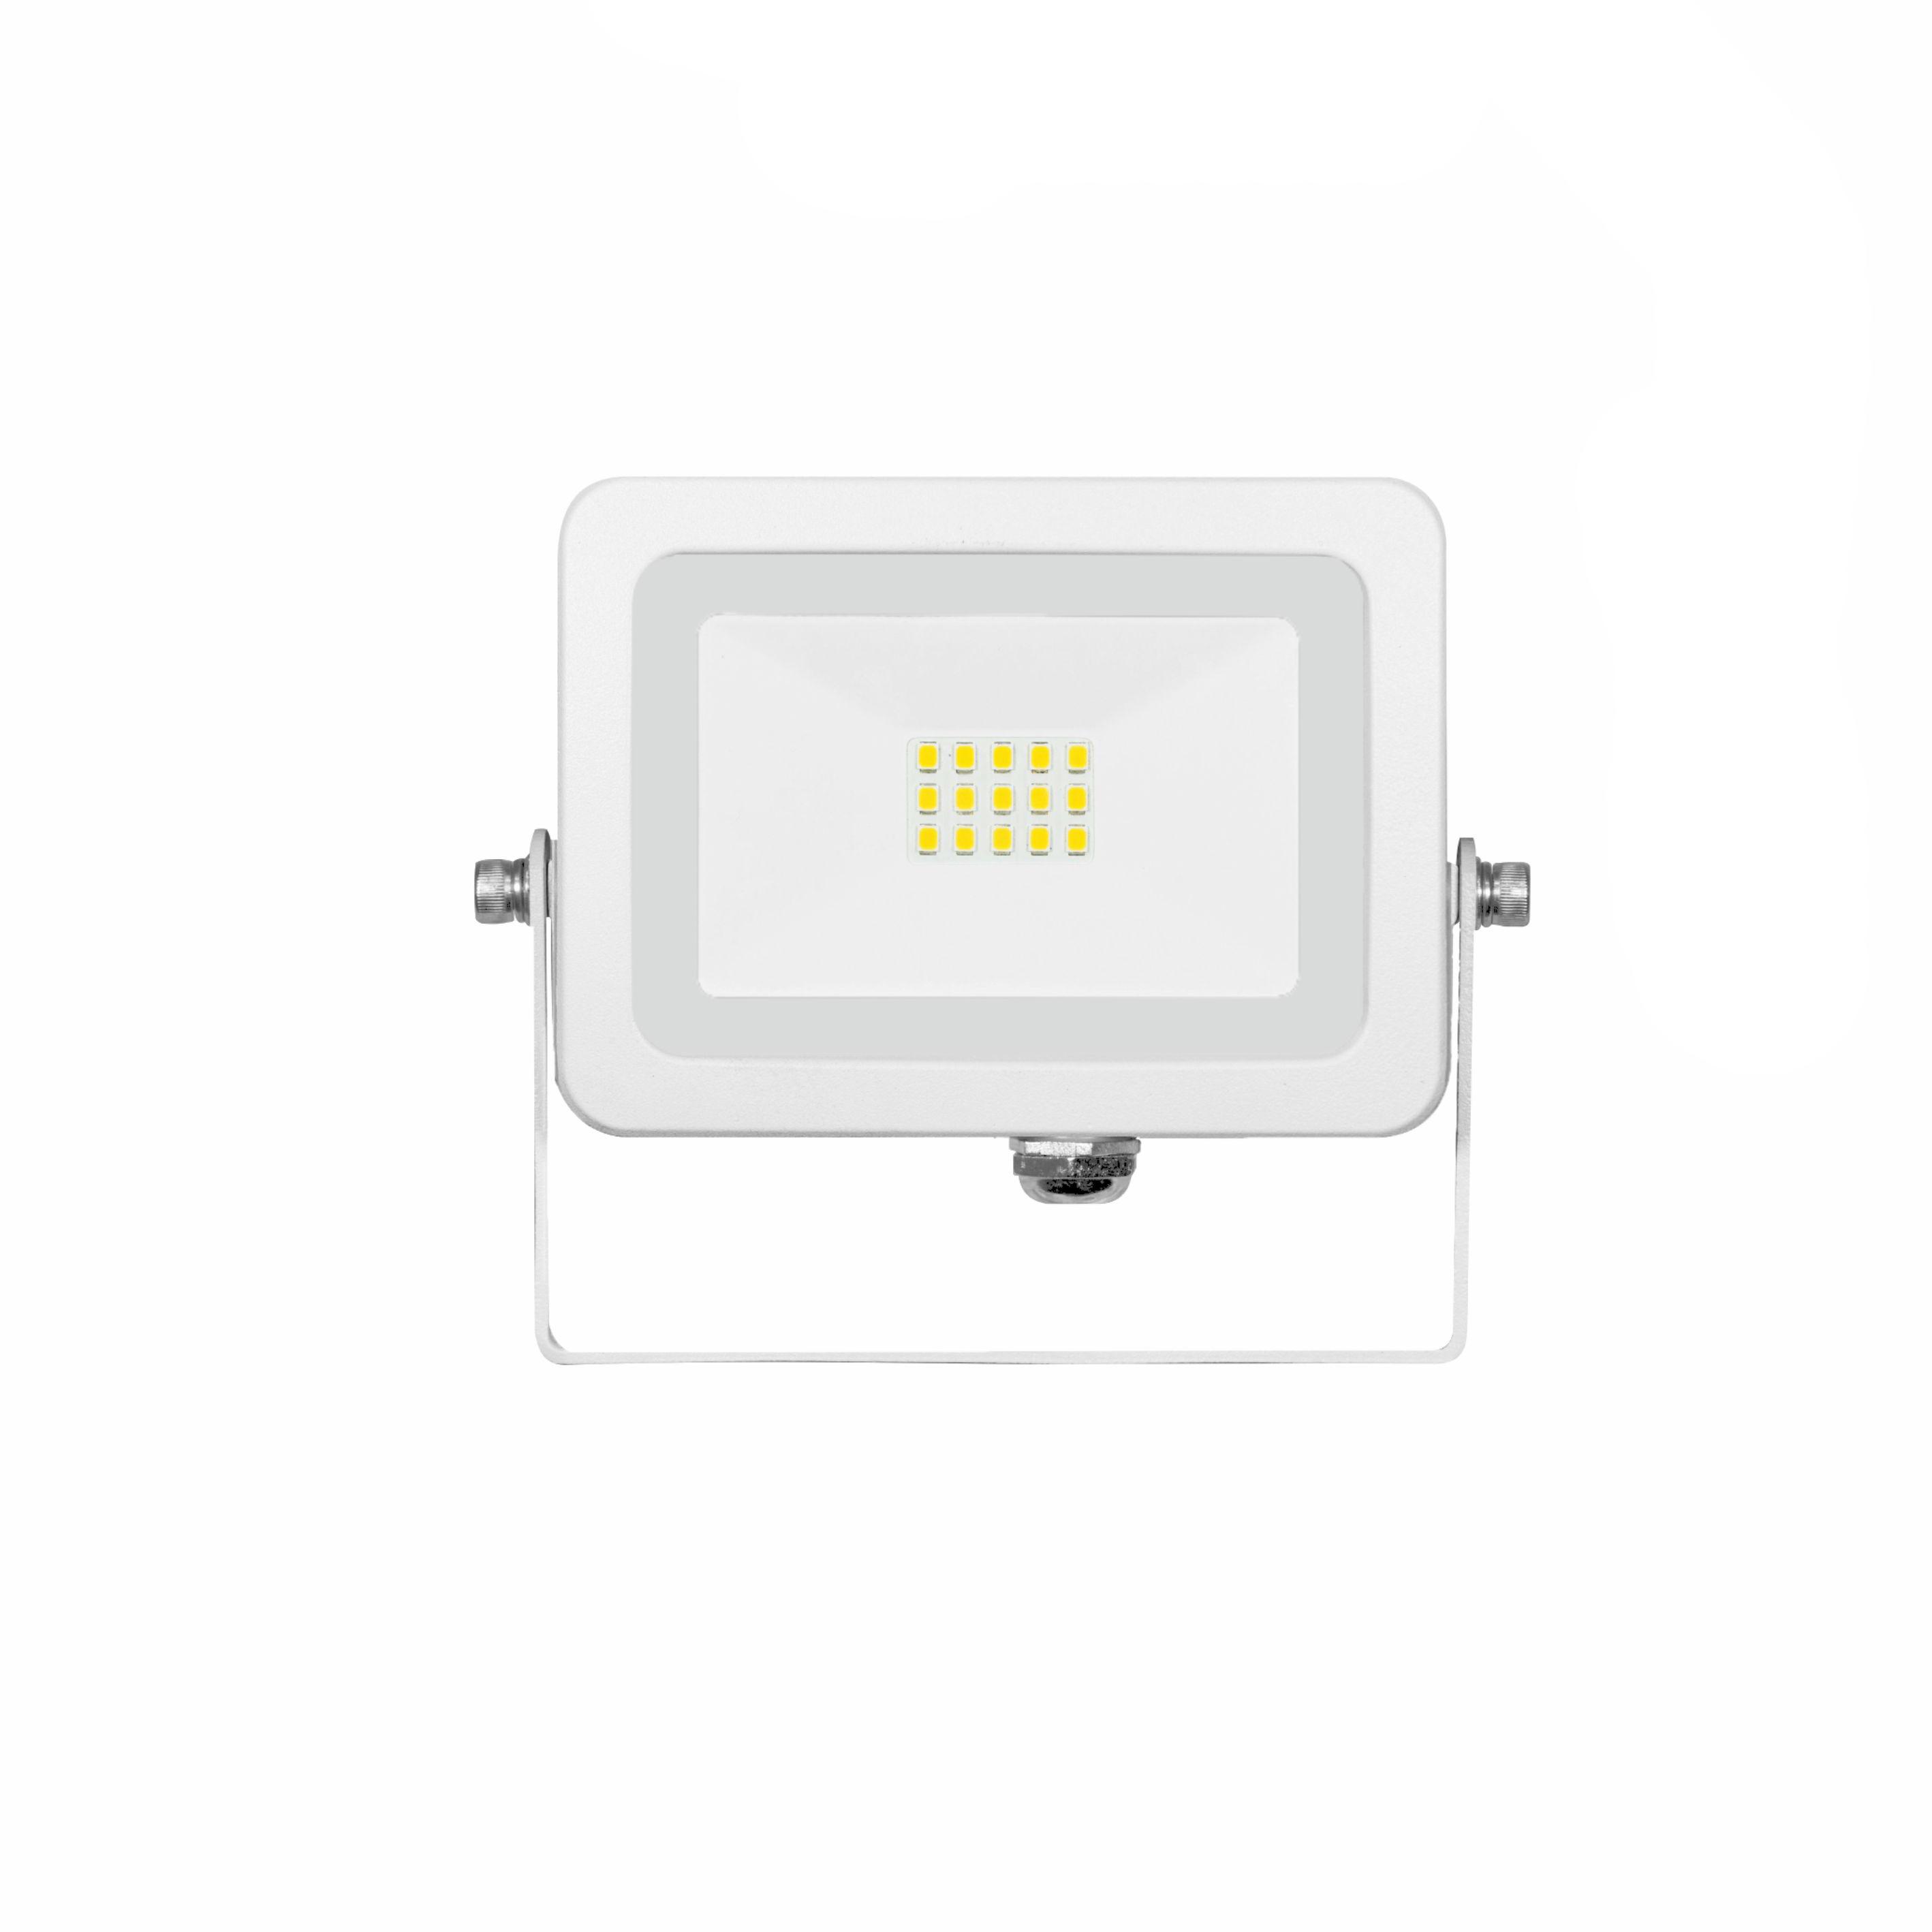 Projecteur SKY 10 Watt Beneito Faure en vente chez CONNECTILED